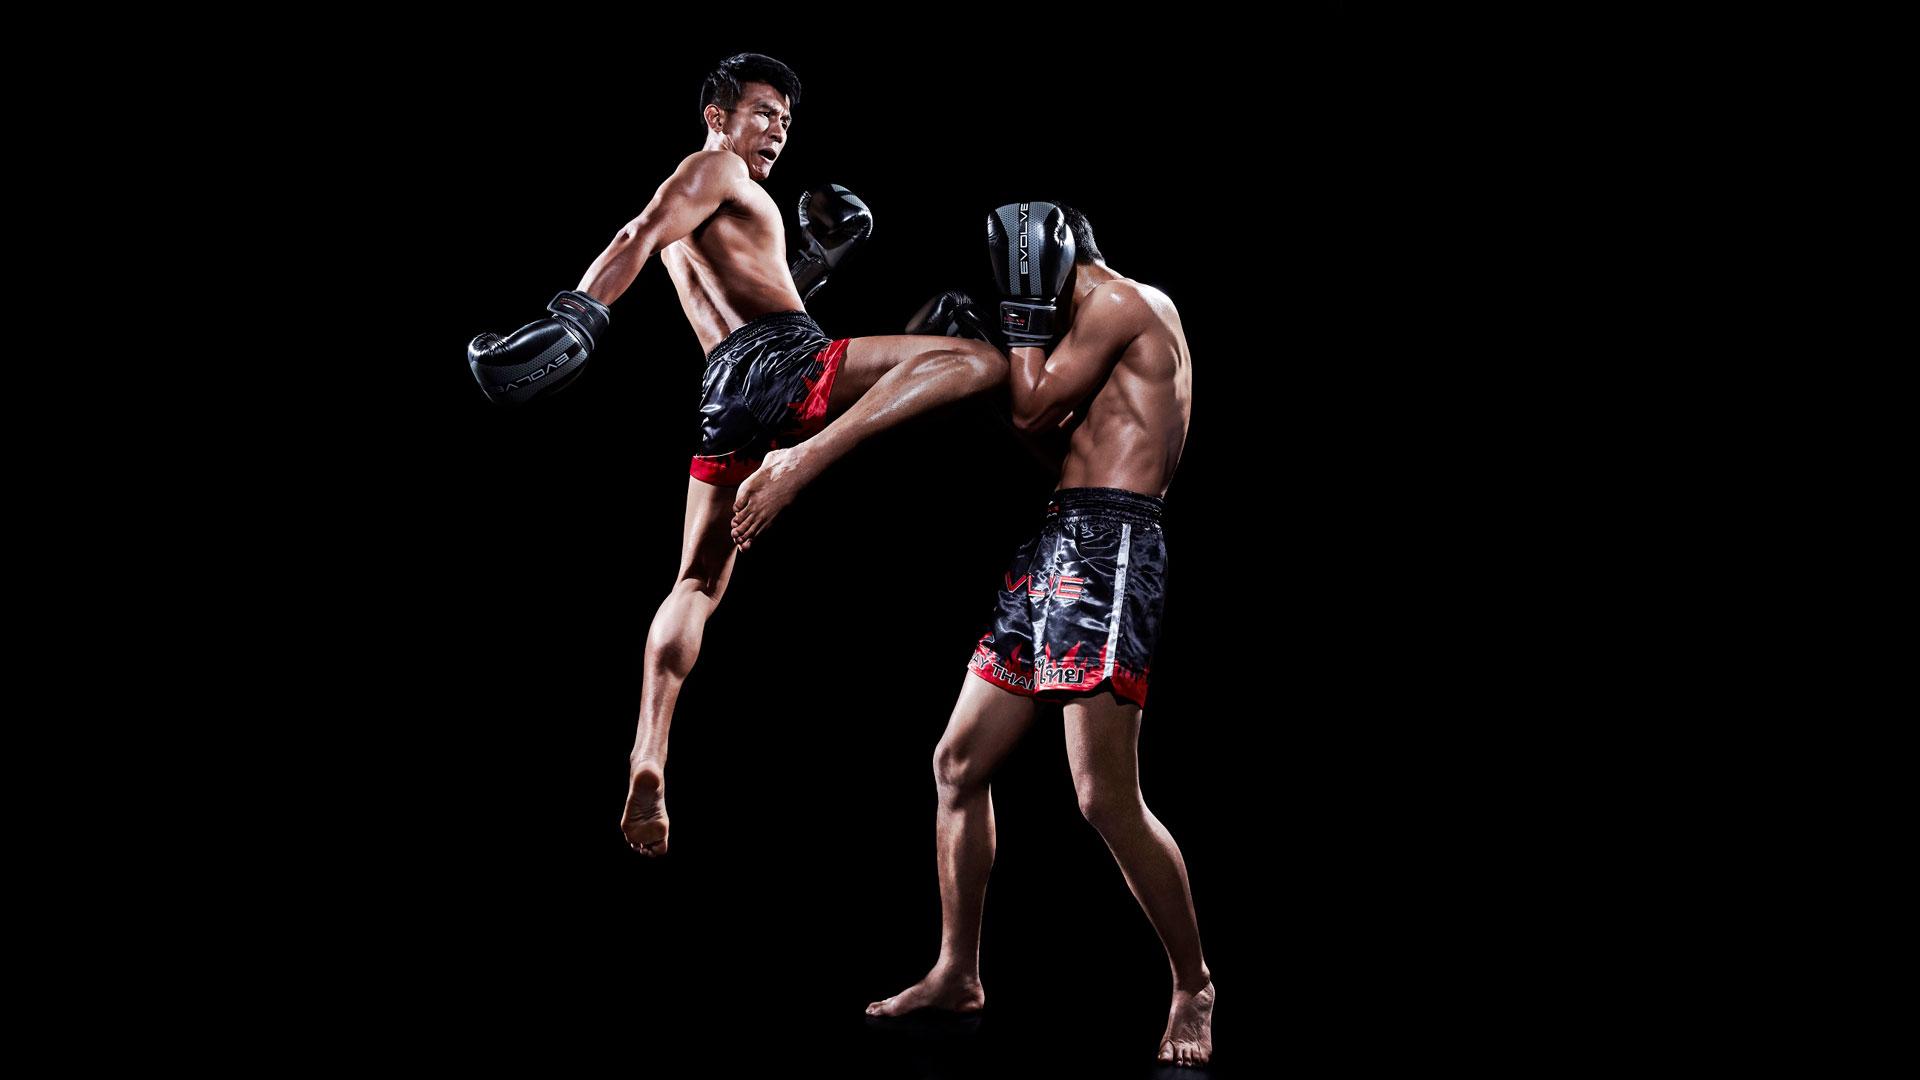 Δύο (2) μήνες συνδρομή στο Fighting Zone στον Πειραιά για MMA.